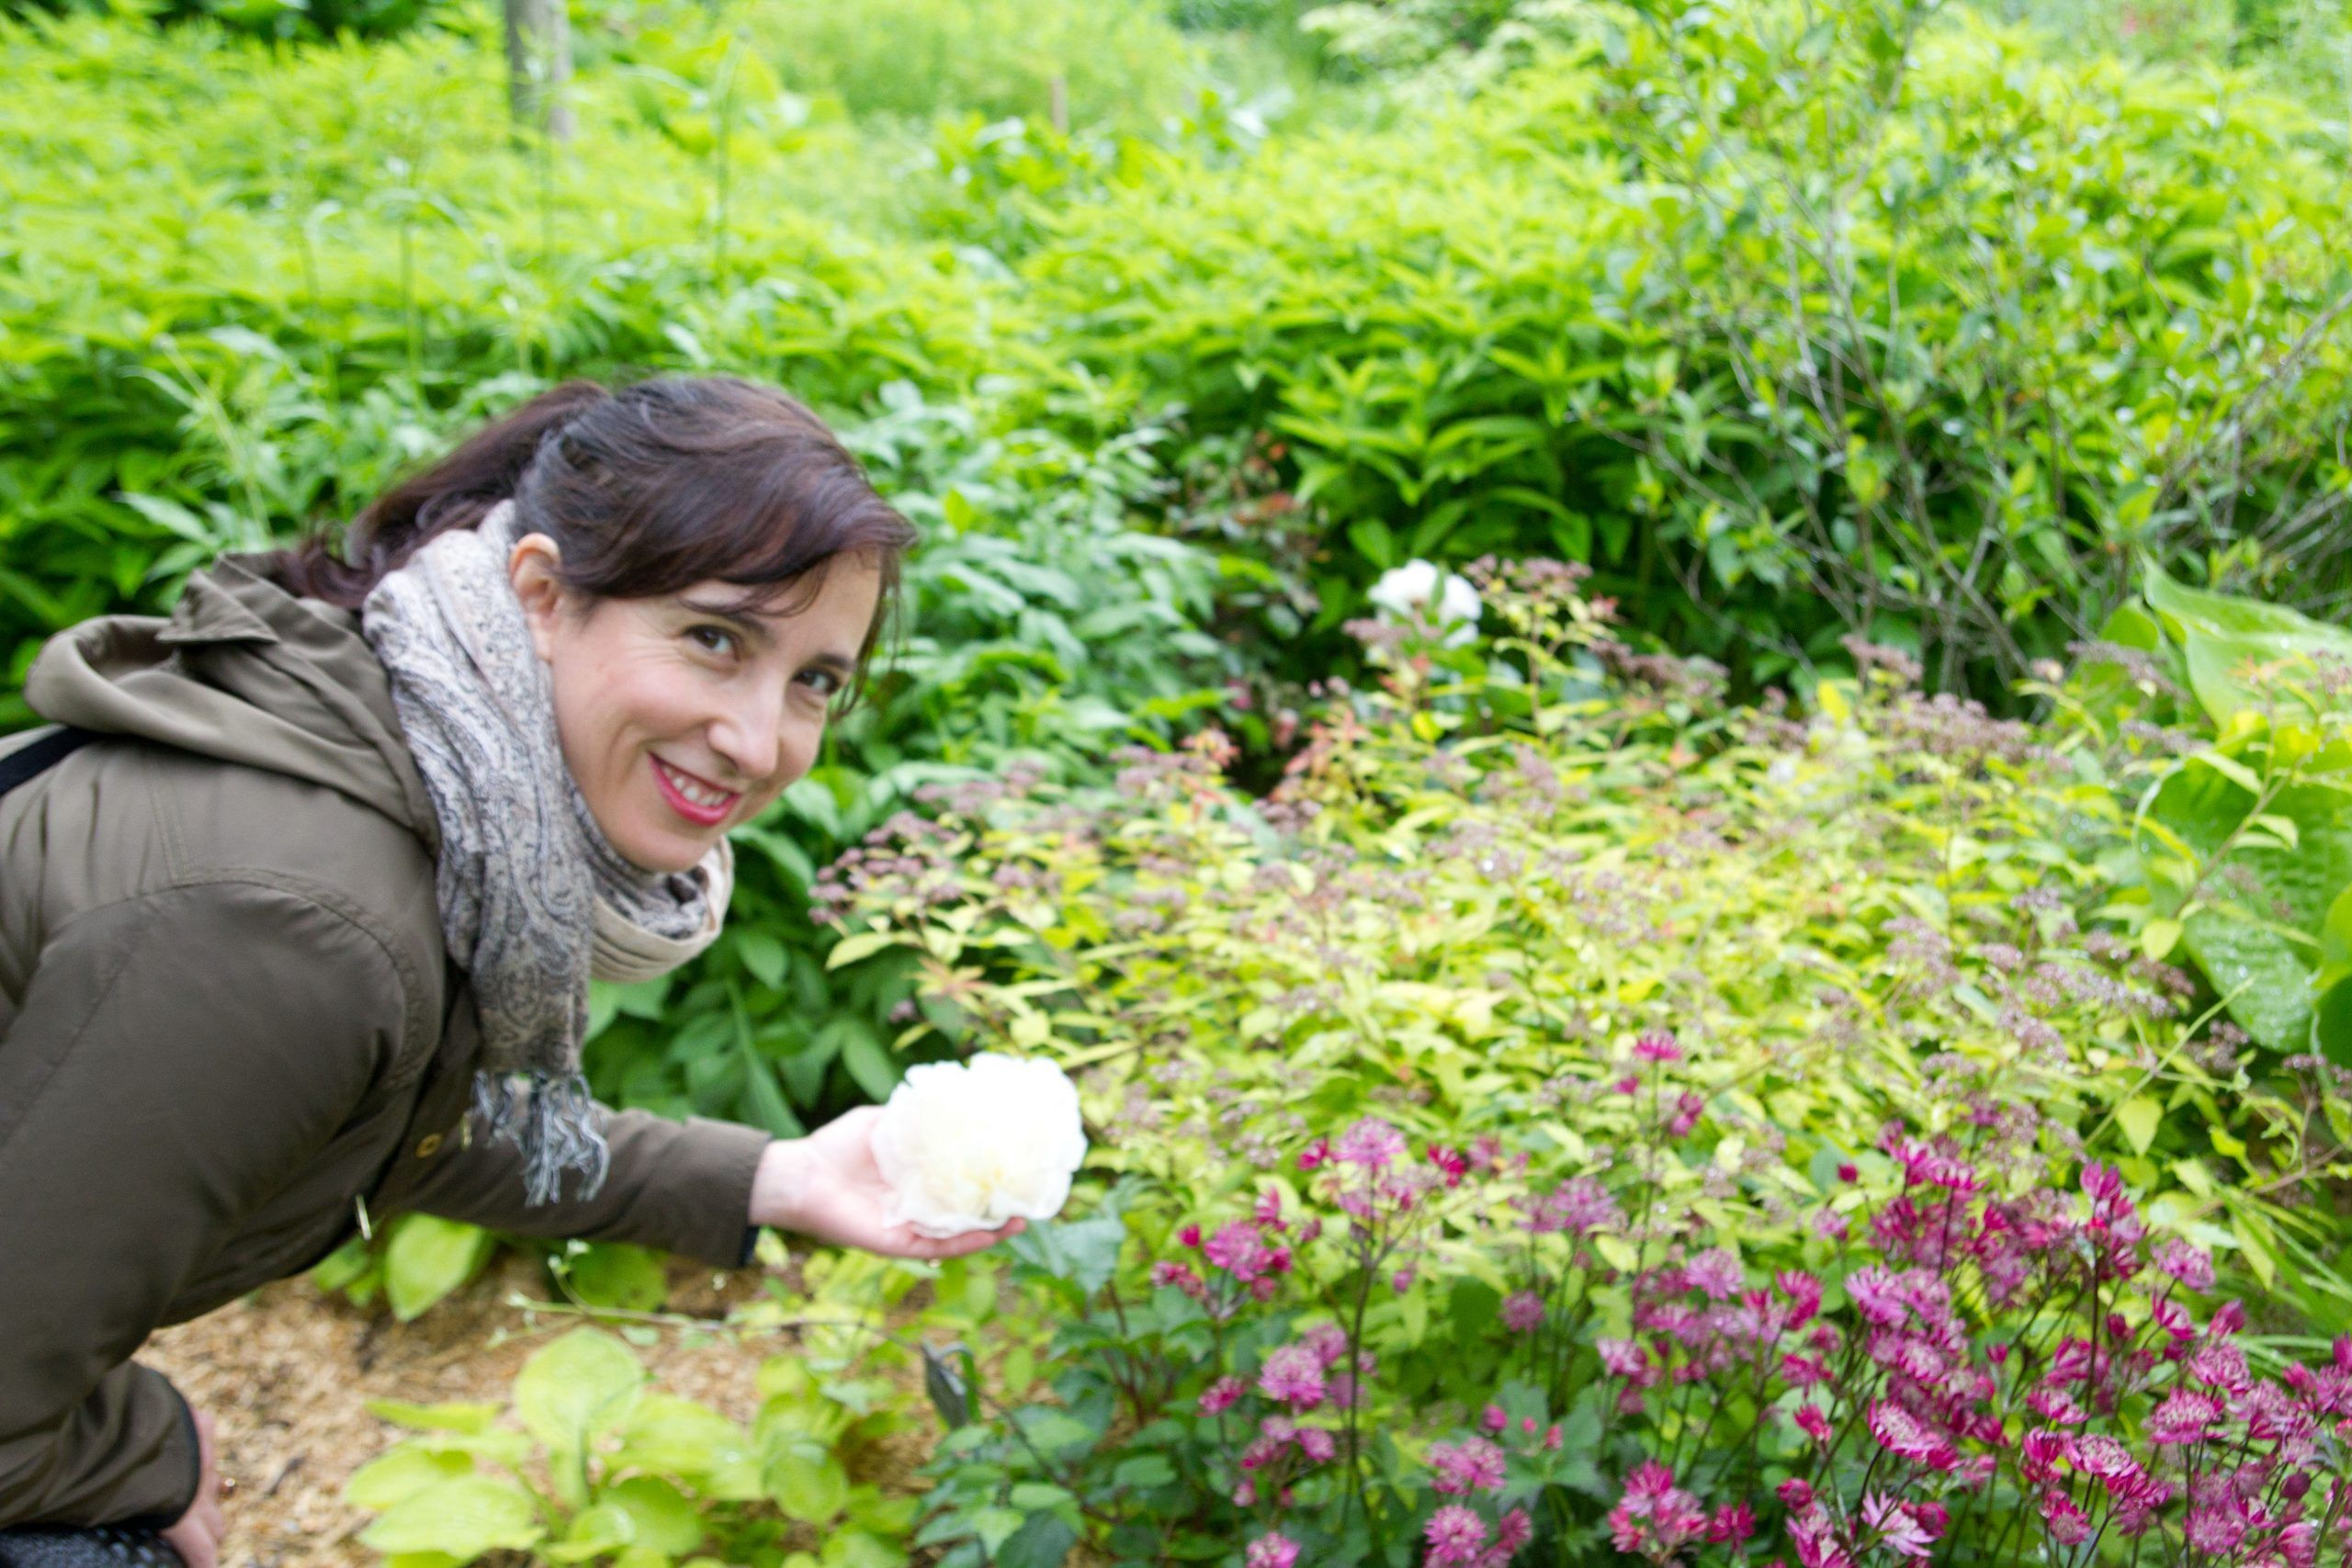 Un café con Yolinda – Entrevista a Inma, florista y paisajista consciente –